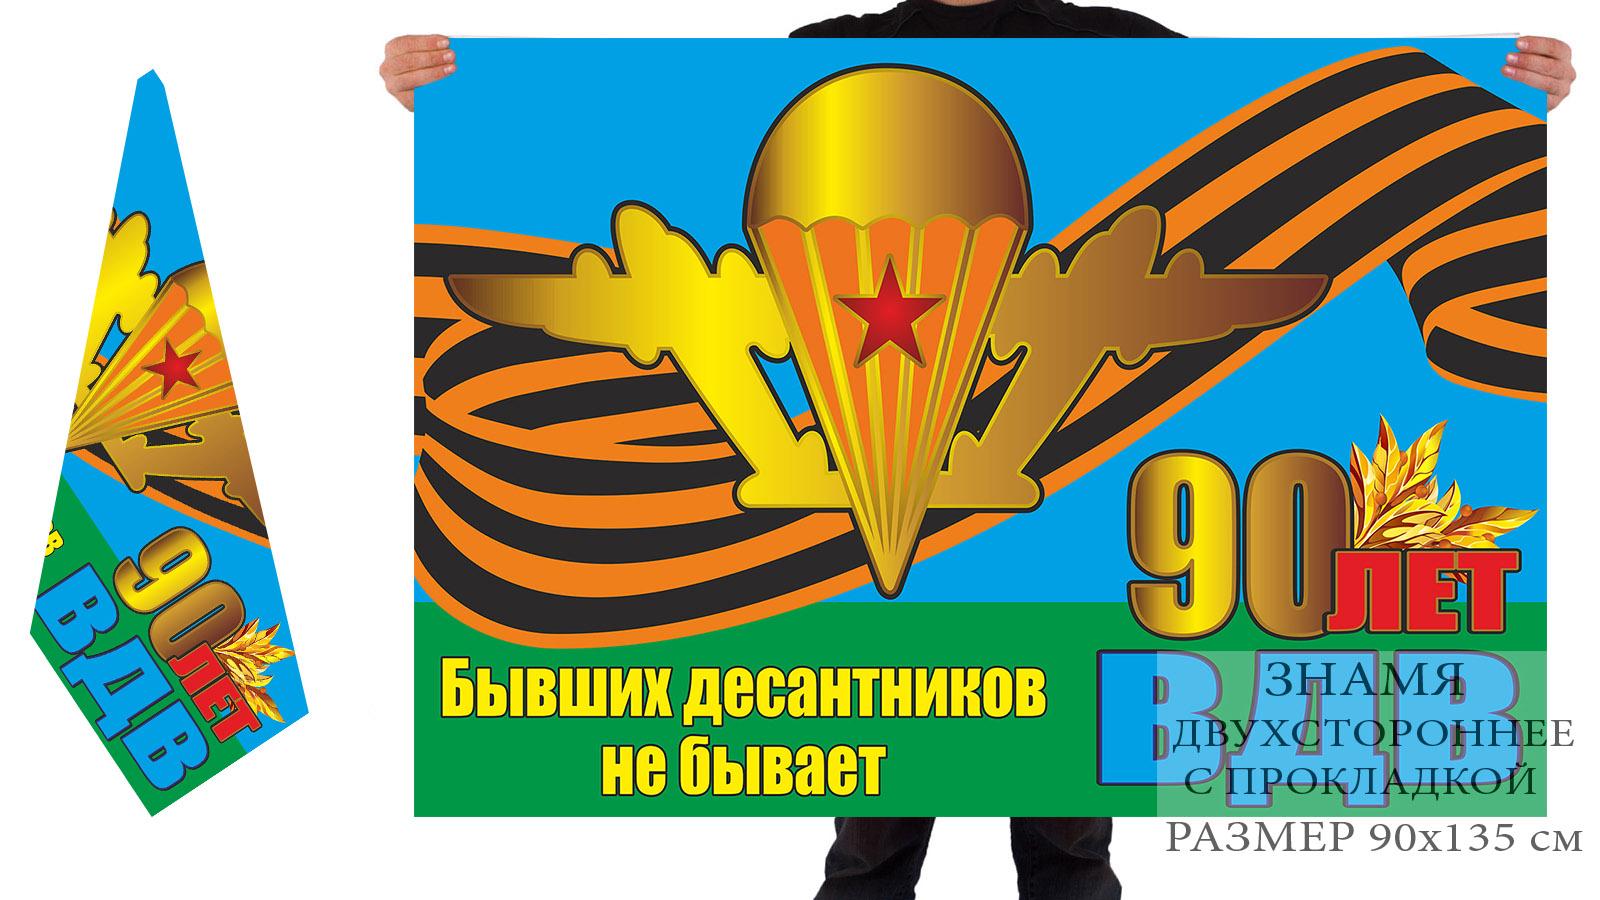 """Двусторонний флаг """"Бывших десантников не бывает"""" к 90-летию ВДВ"""